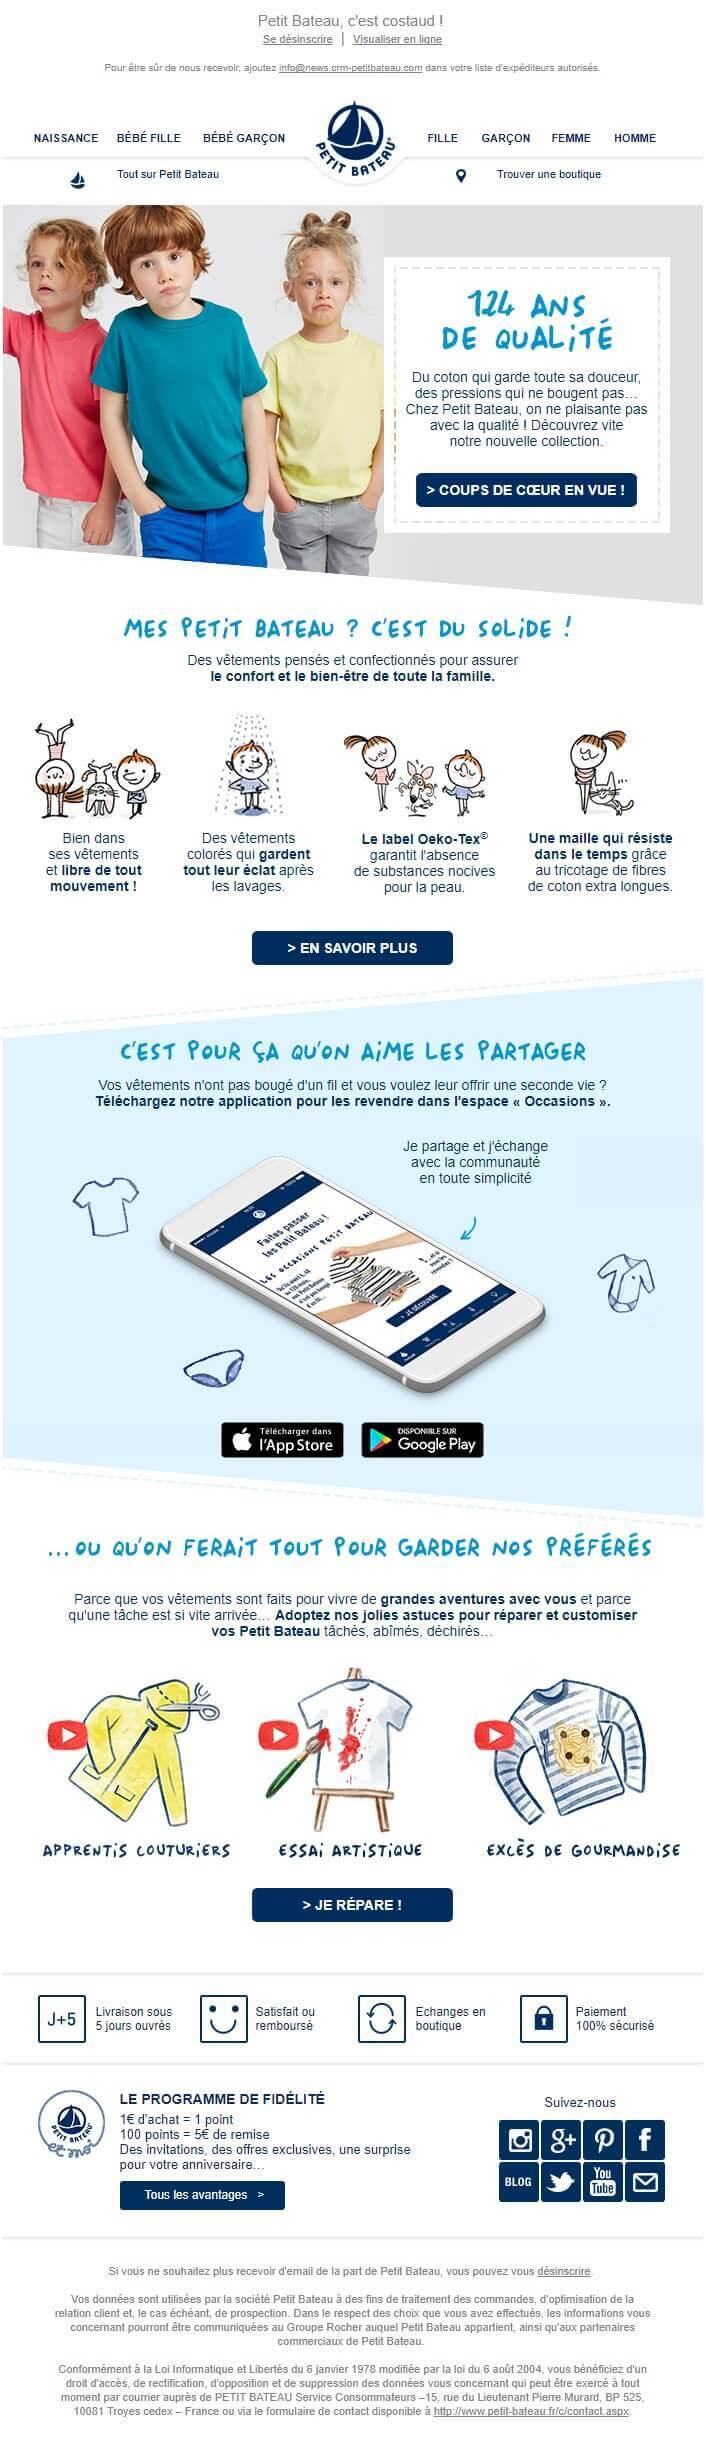 Esempio di email marketing - Petit Bateau